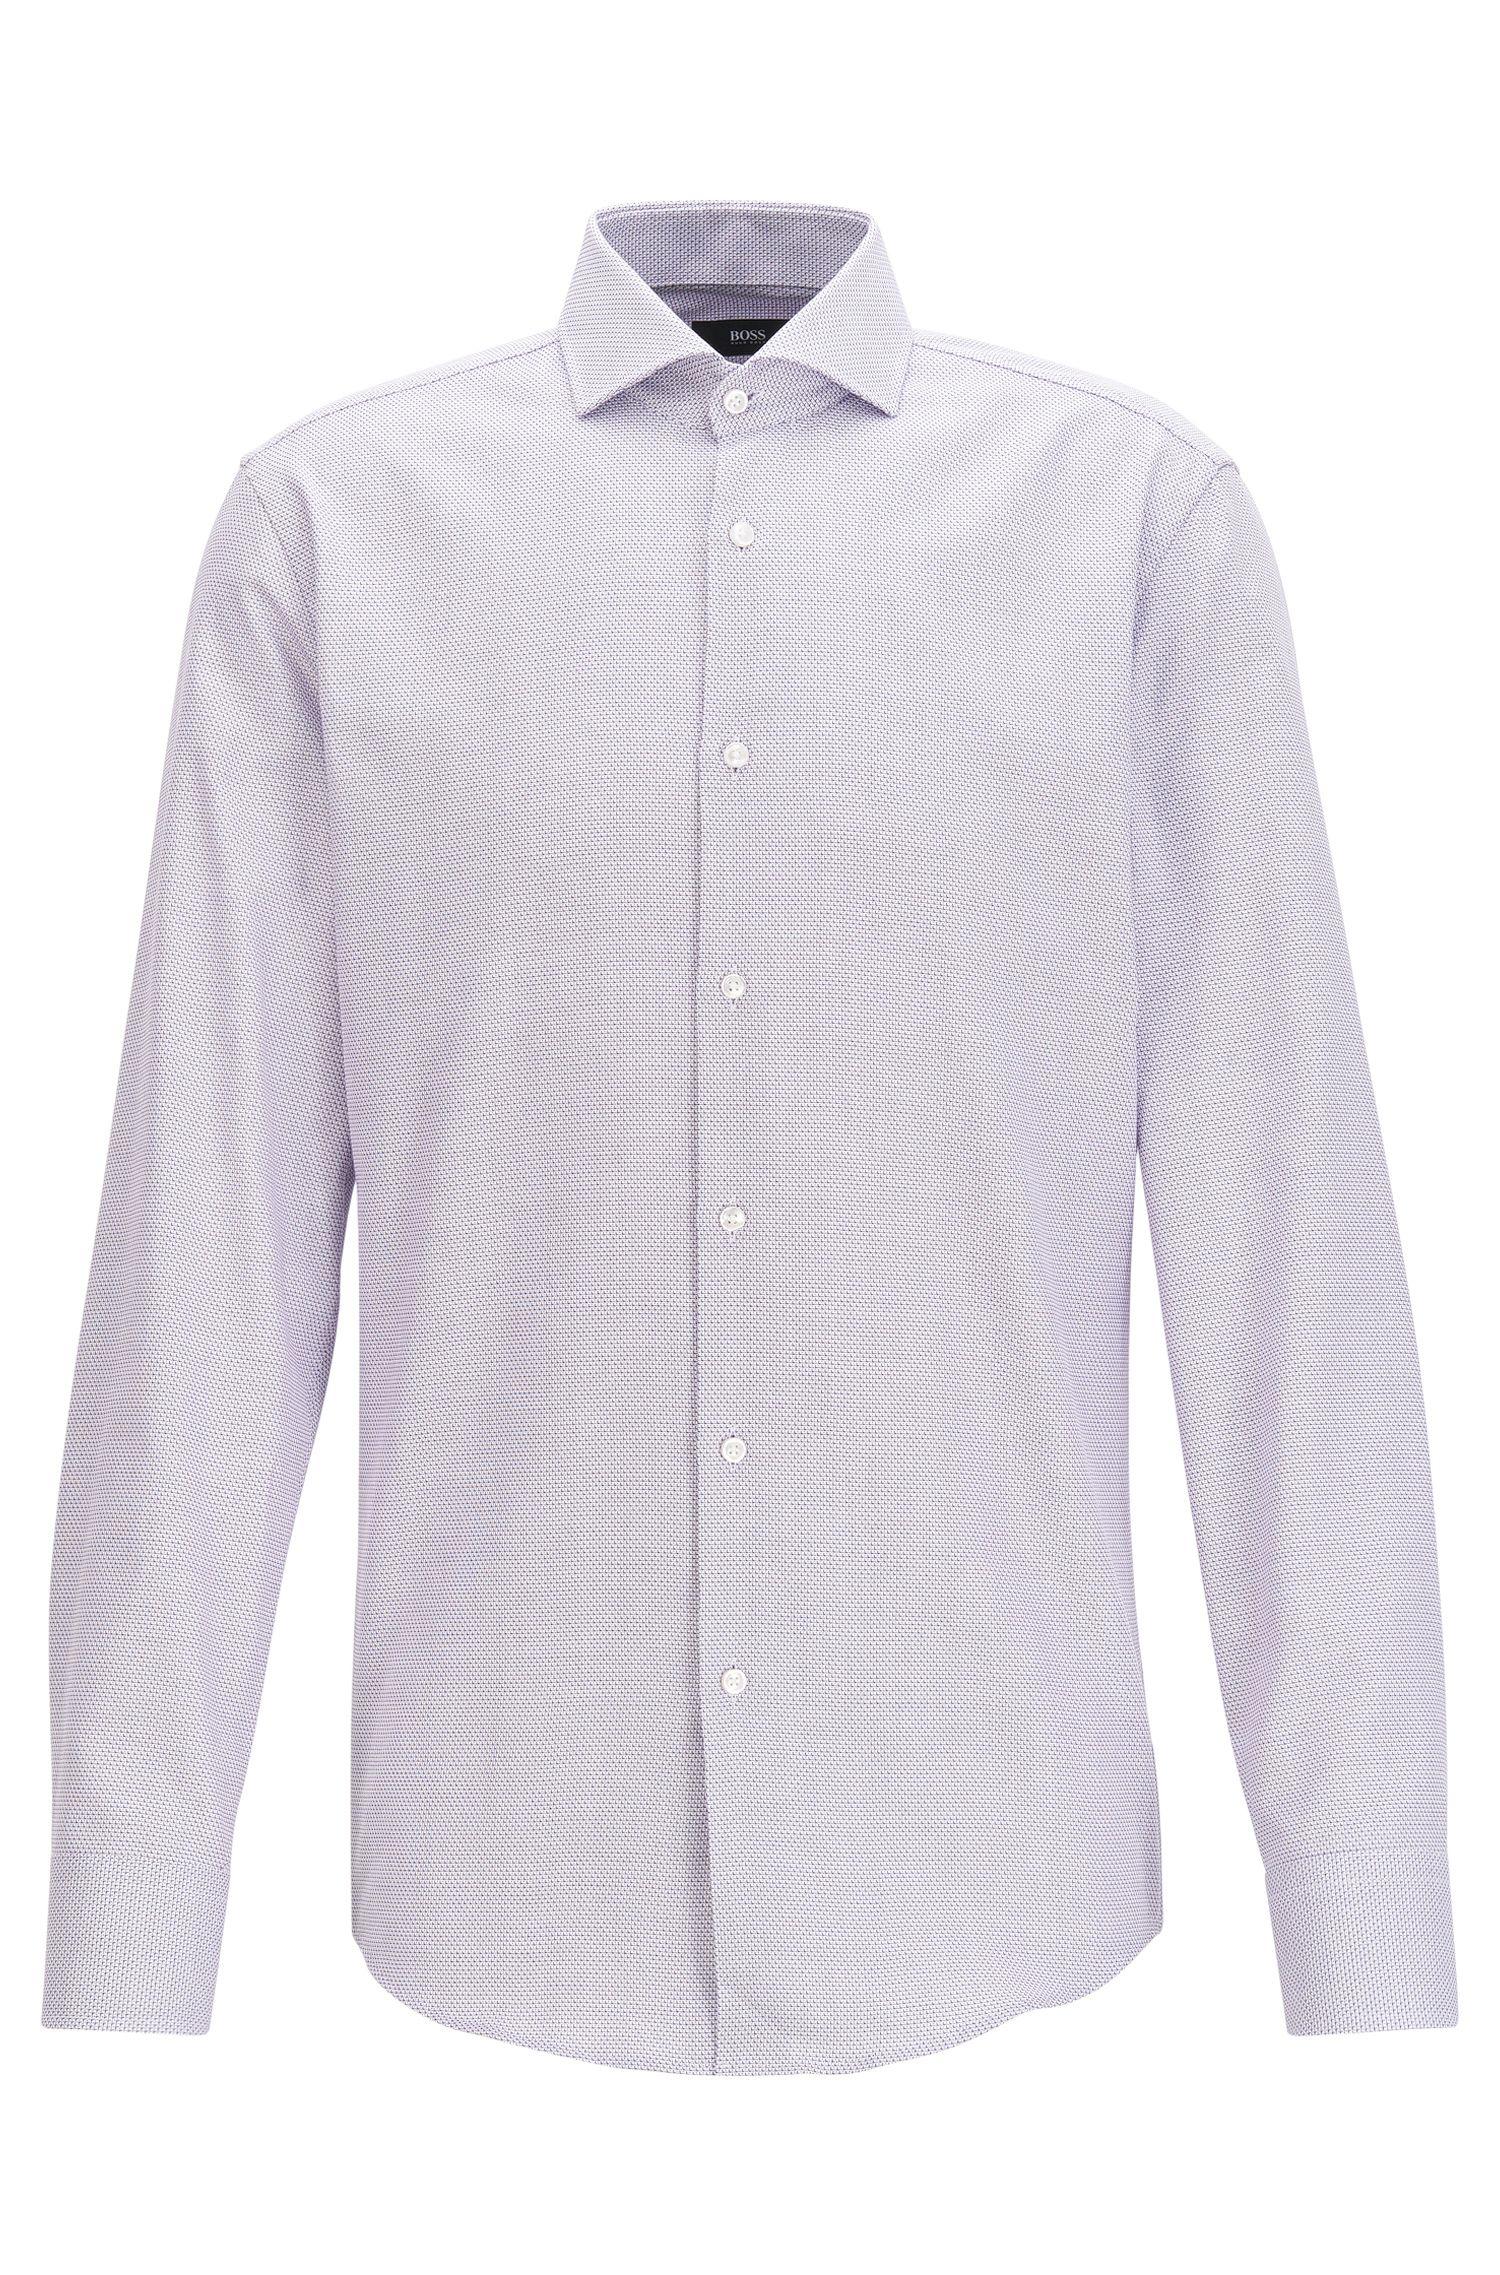 Camisa slim fit de algodón teñido en hilo con microestructura